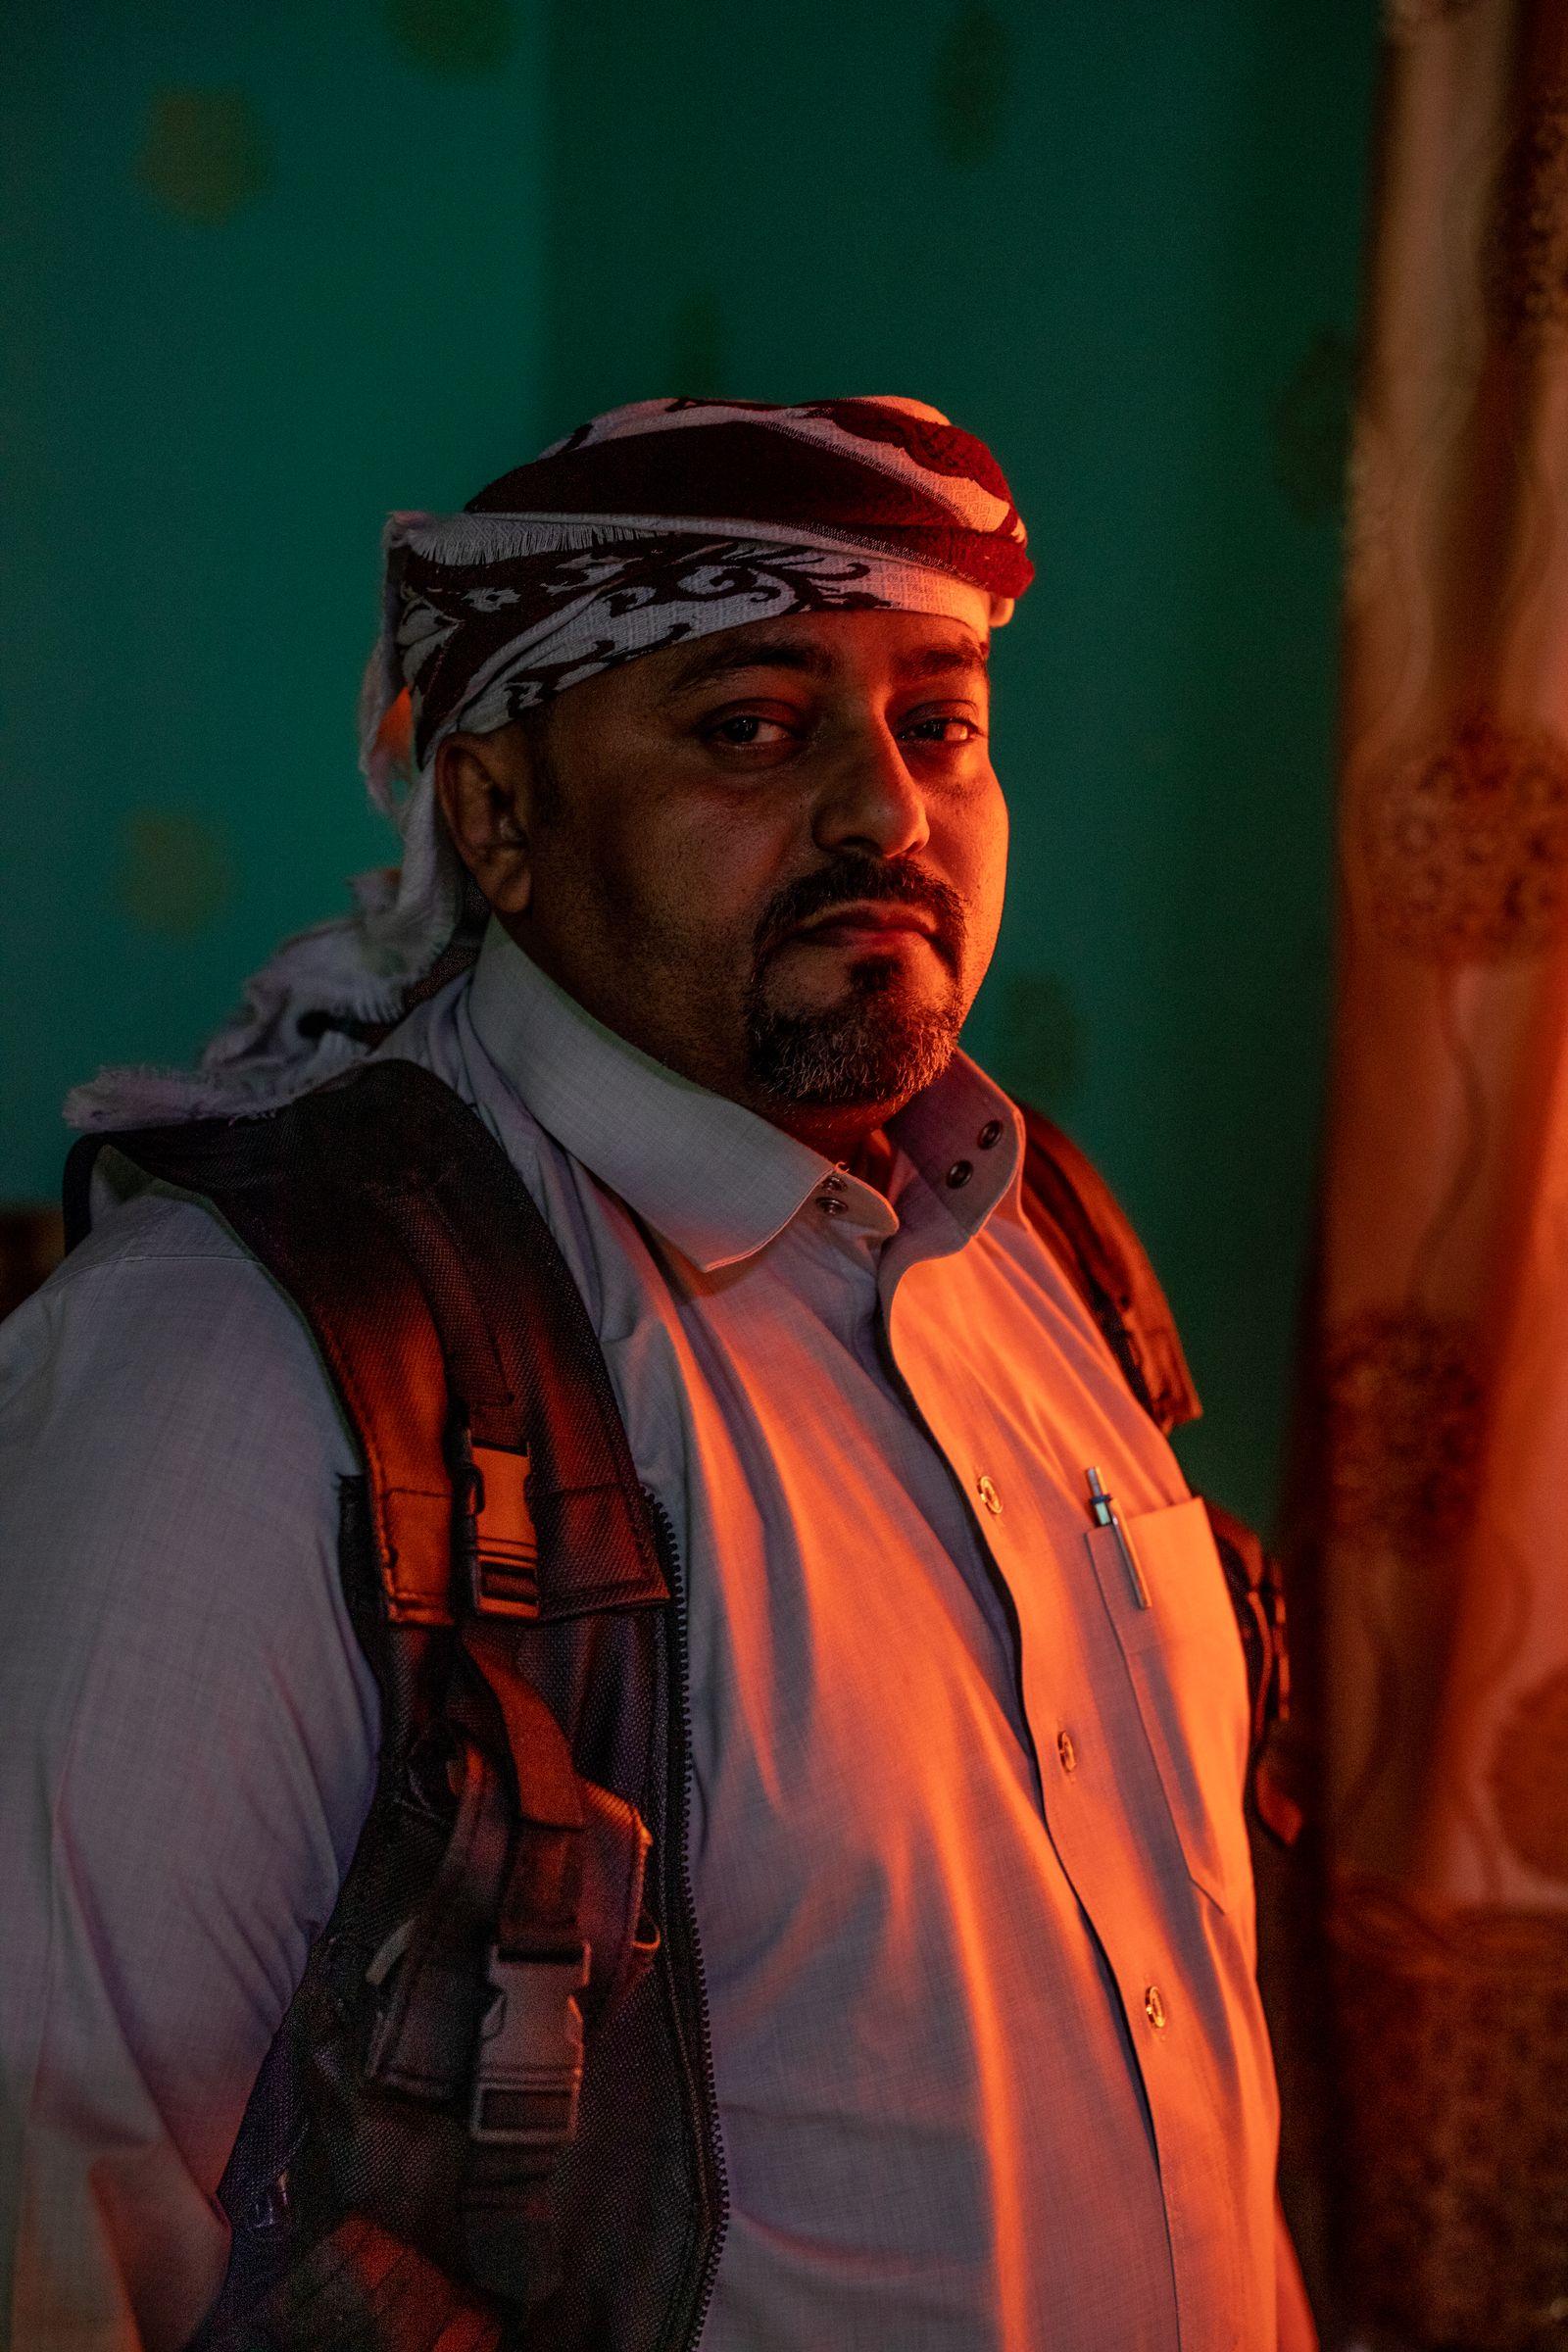 EINMALIGE VERWENDUNG SPIN DER SPIEGEL 51/2018 S. 82 Yemen Scheich Ahmed